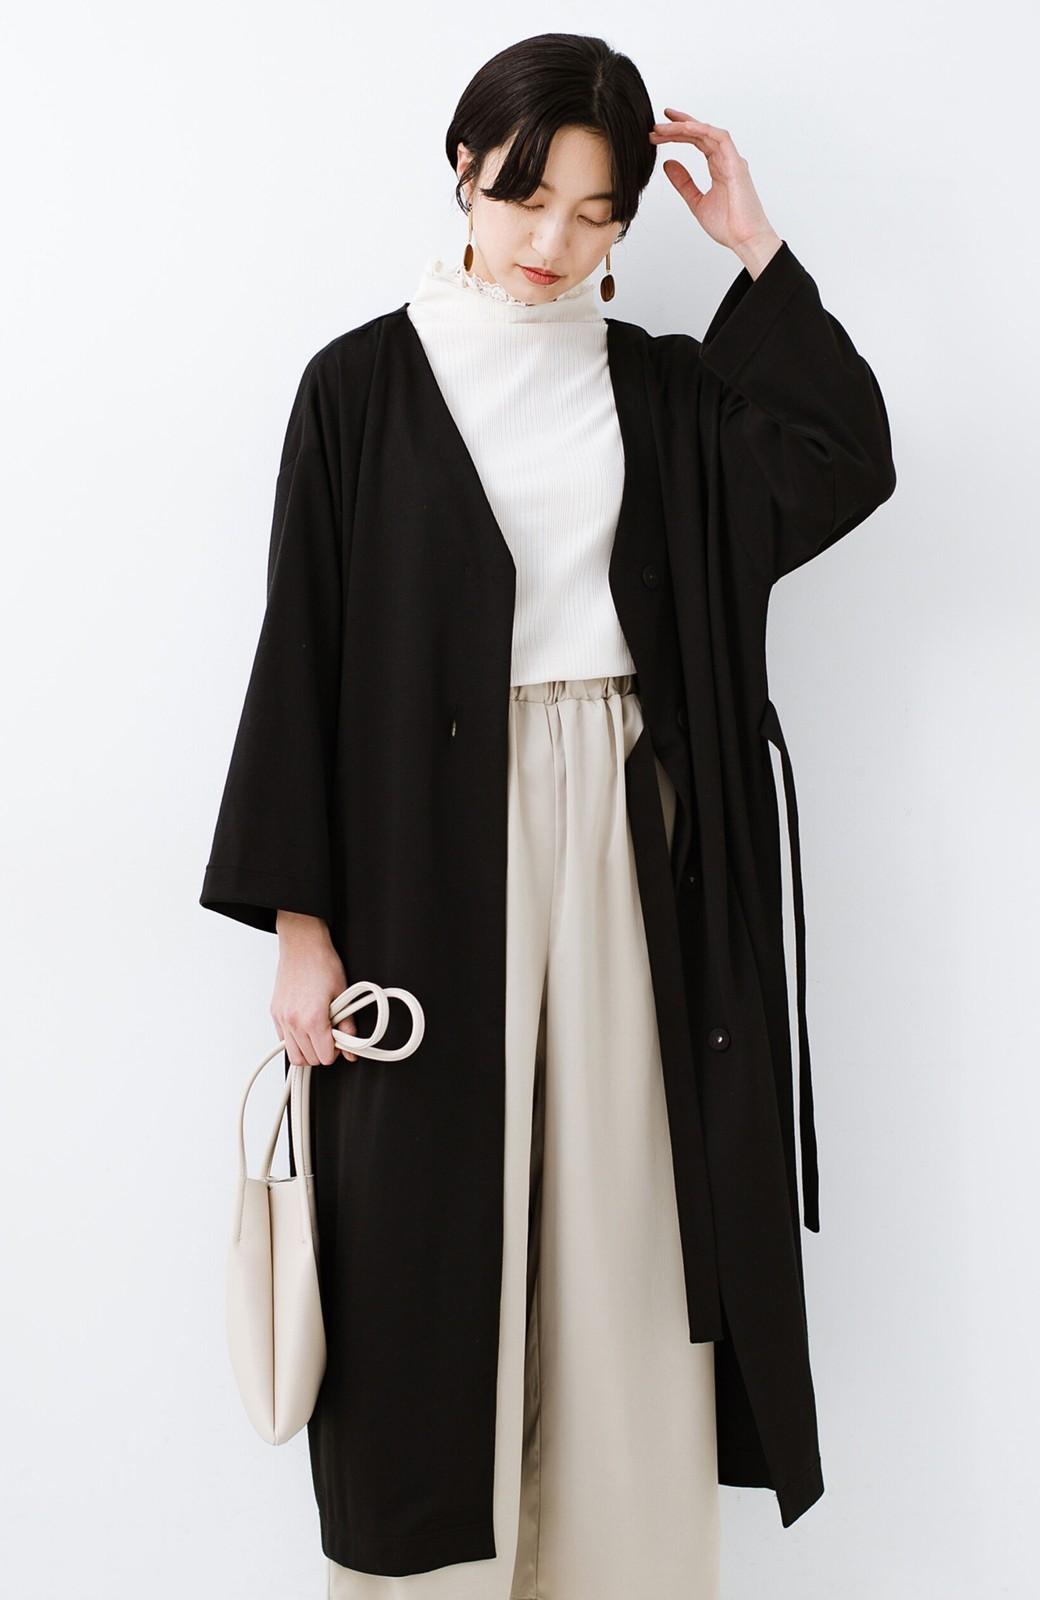 haco! サイドリボンと落ち感が女っぽい 羽織り&重ね着を楽しむカットソーワンピース <ブラック>の商品写真4